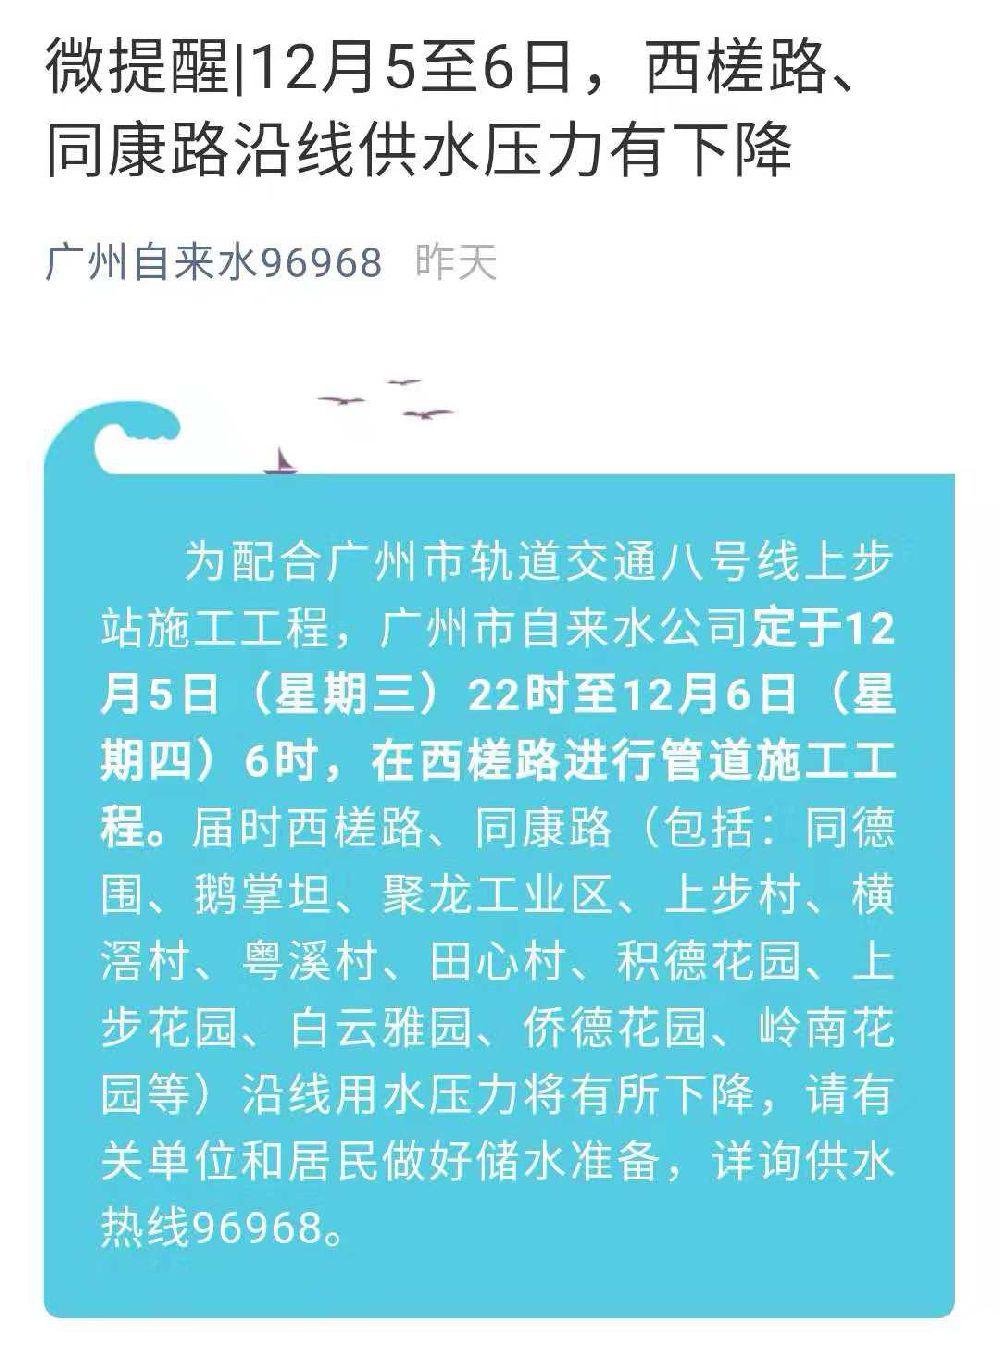 2018年12月5日至6日乐理基础知识完全教程广州部分路段供水压力变化通知